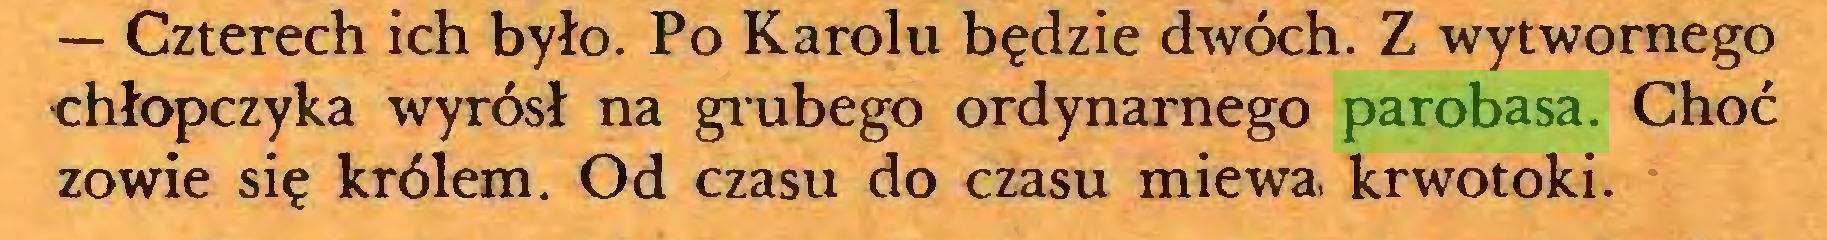 (...) — Czterech ich było. Po Karolu będzie dwóch. Z wytwornego chłopczyka wyrósł na grubego ordynarnego parobasa. Choć zowie się królem. Od czasu do czasu miewa krwotoki...